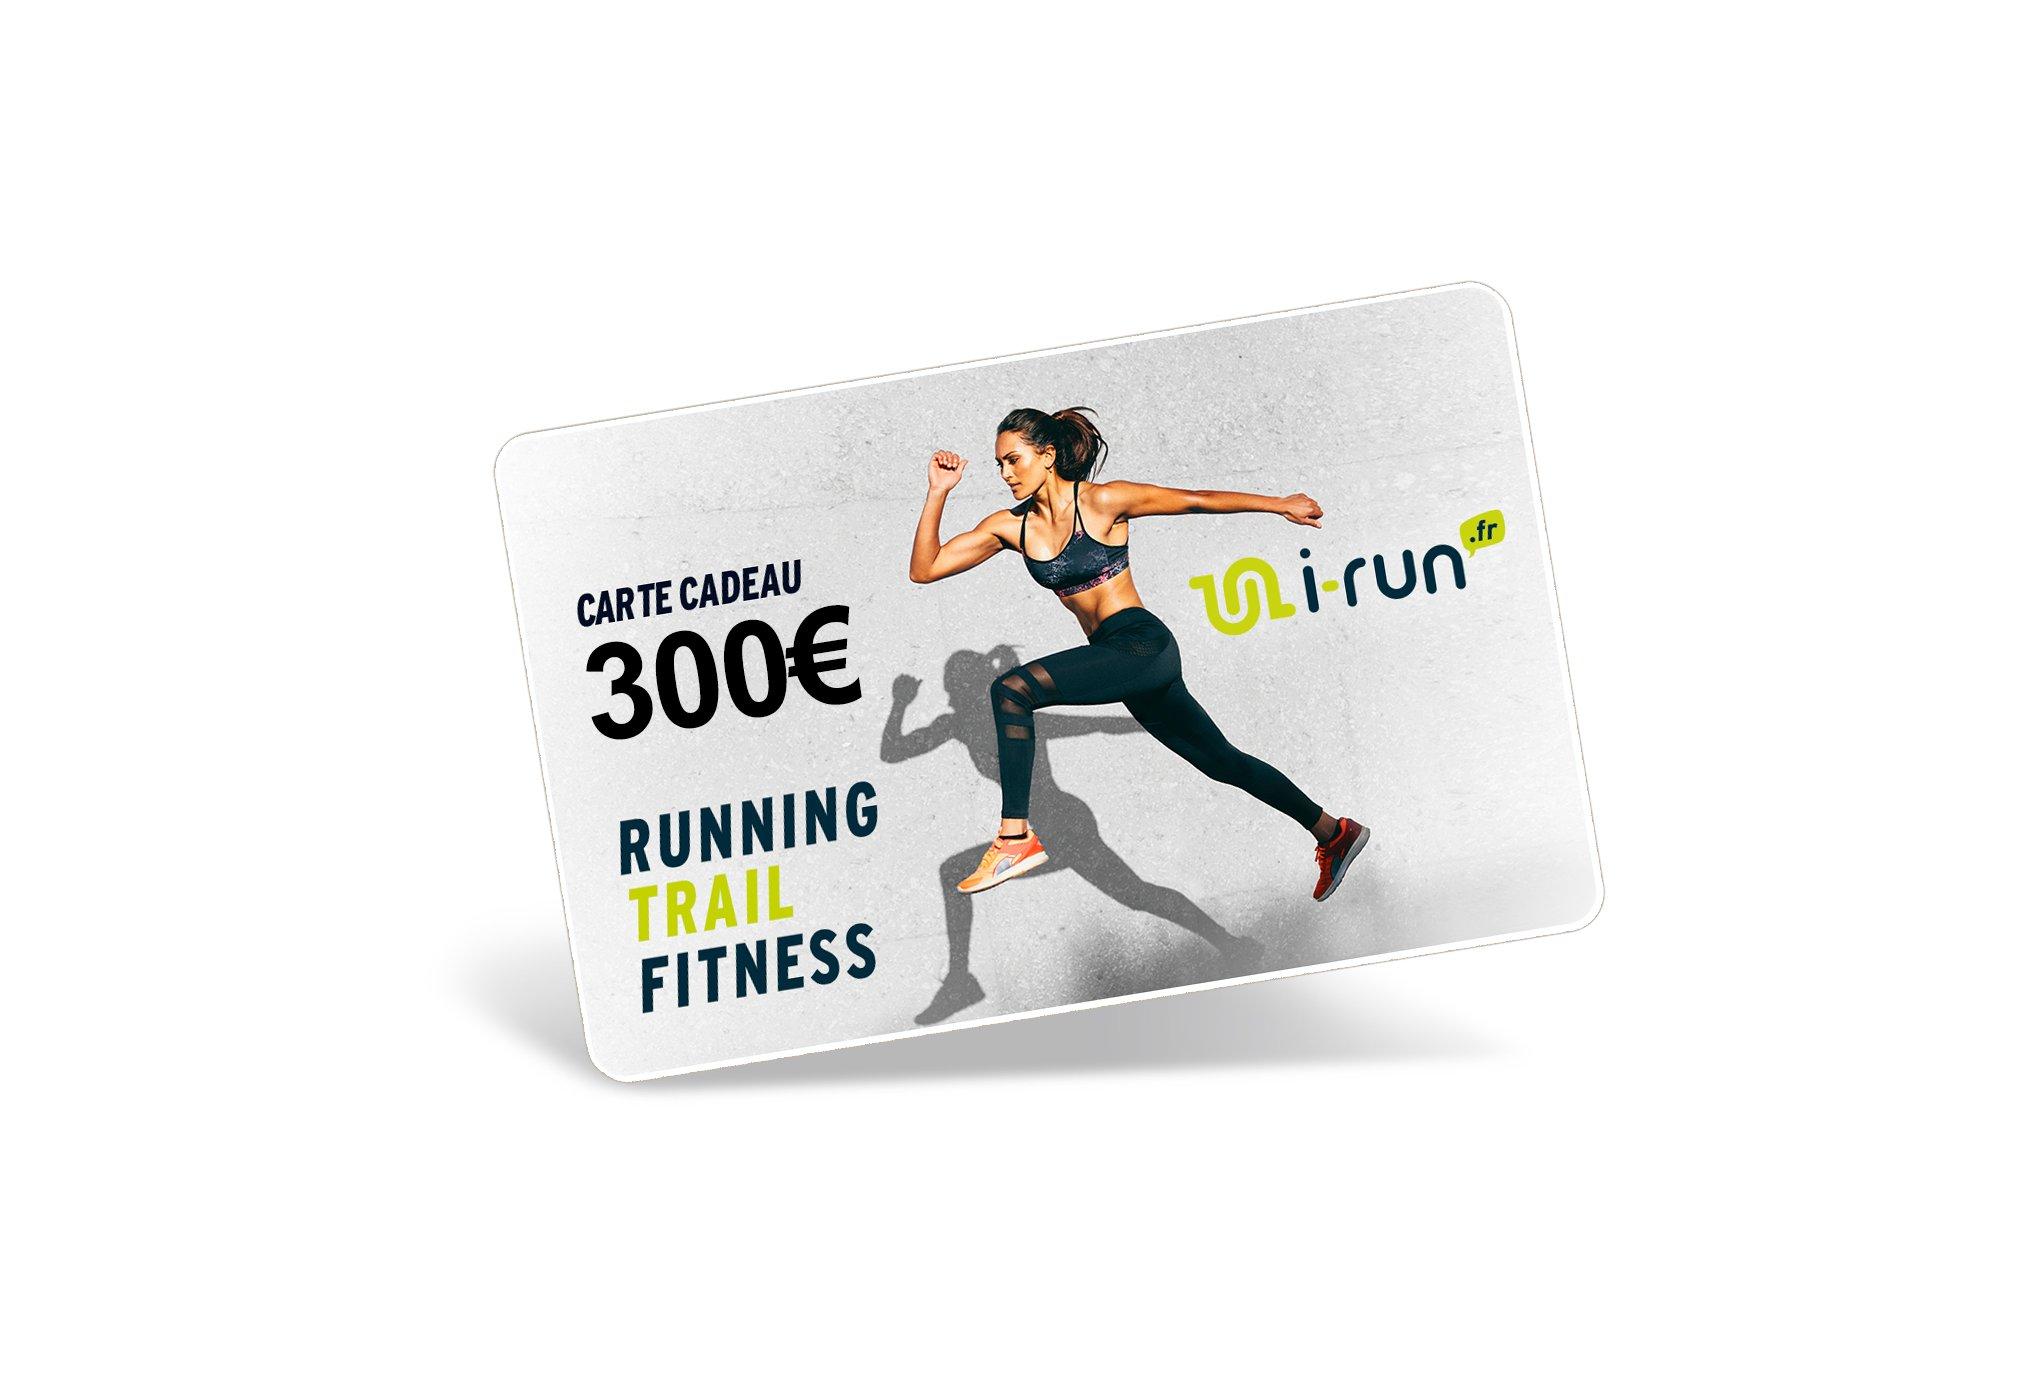 i-run.fr Carte Cadeau 300 W Cartes Cadeau